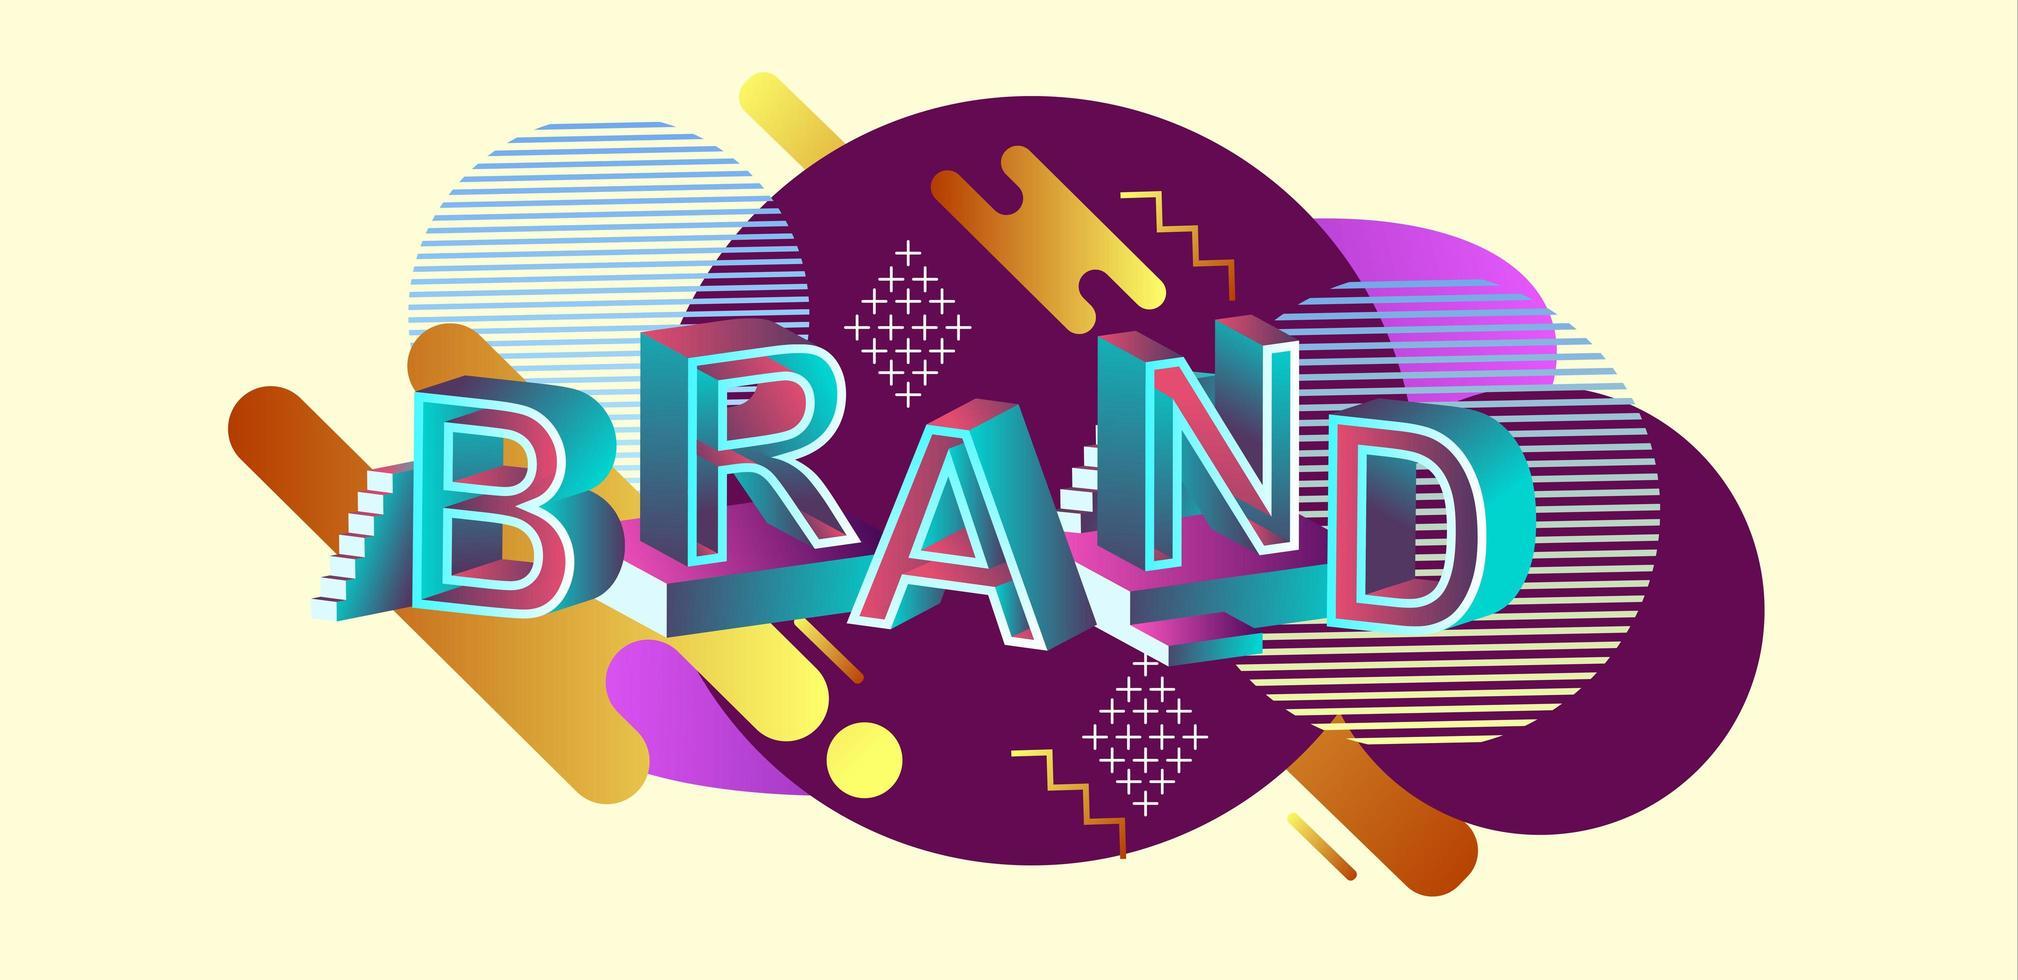 encabezado web de concepto moderno de marca vector